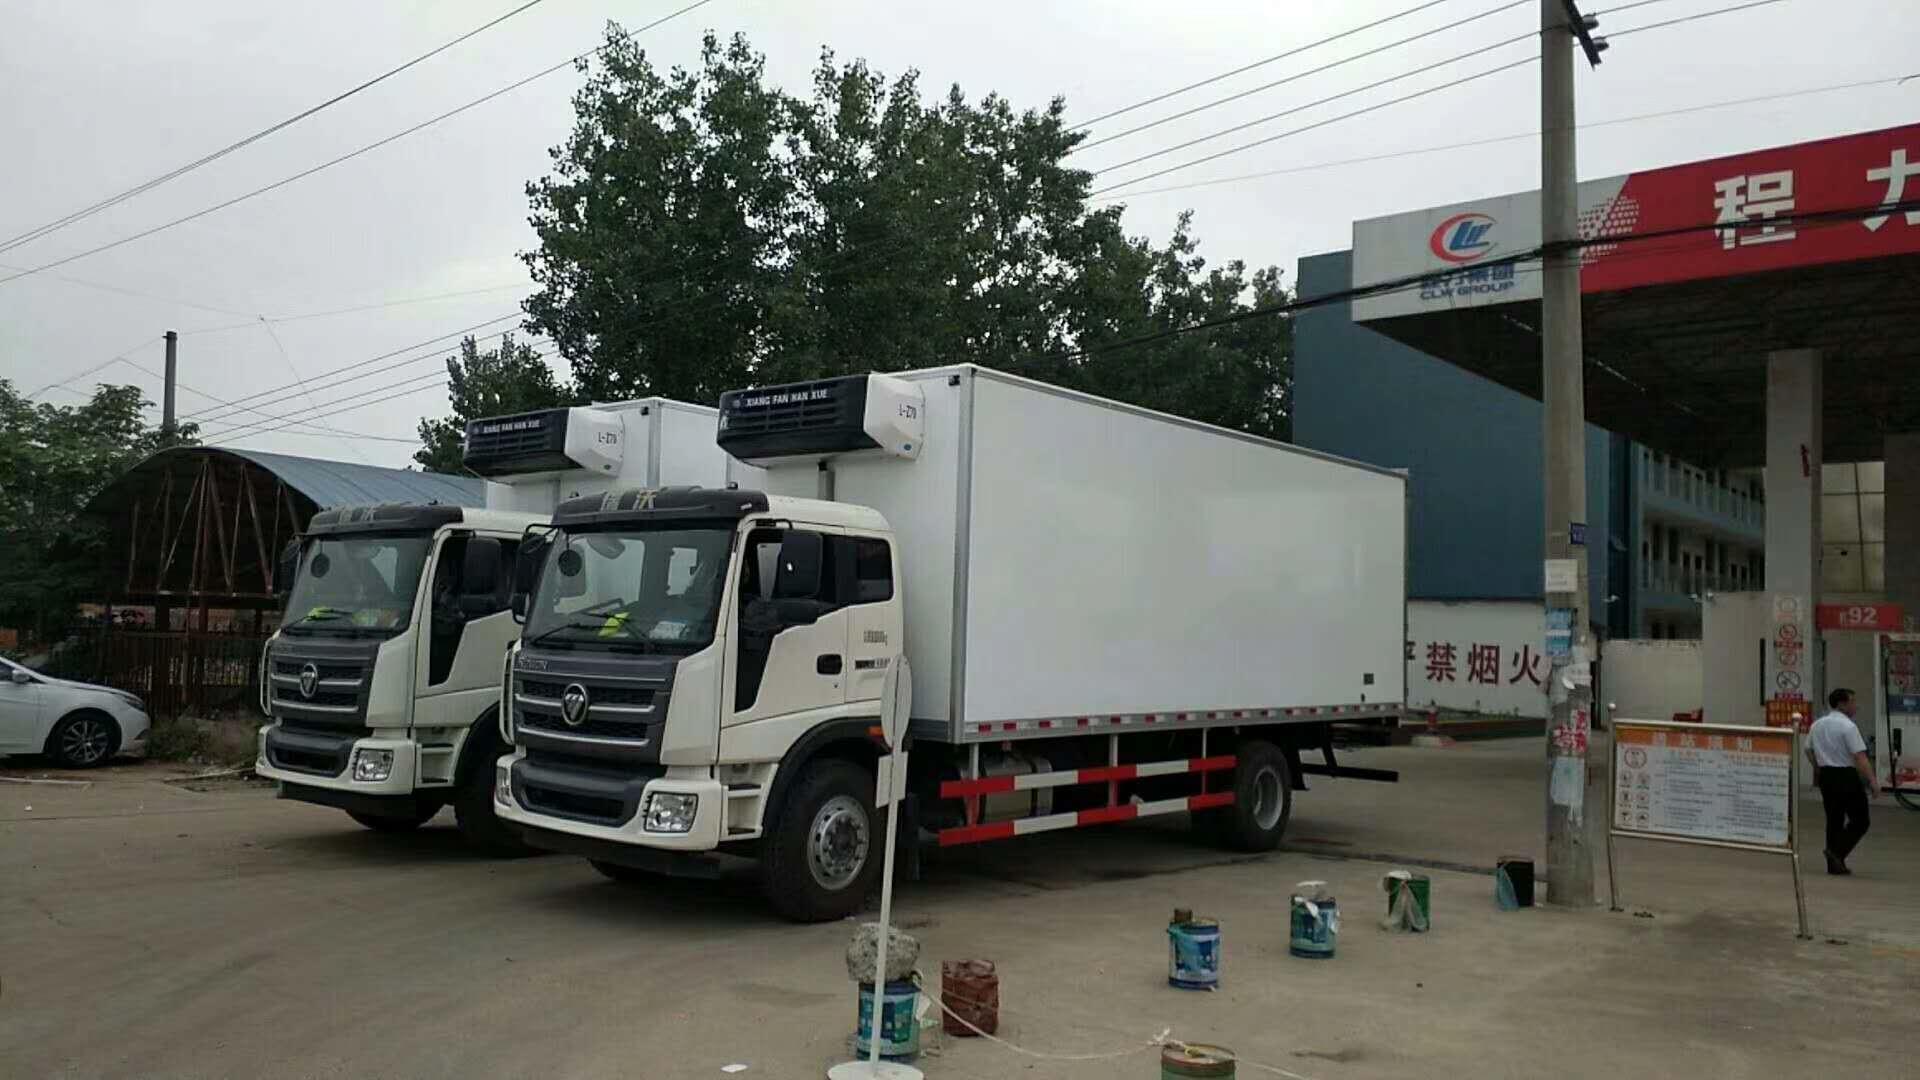 福田瑞沃6.8米貨箱冷藏車